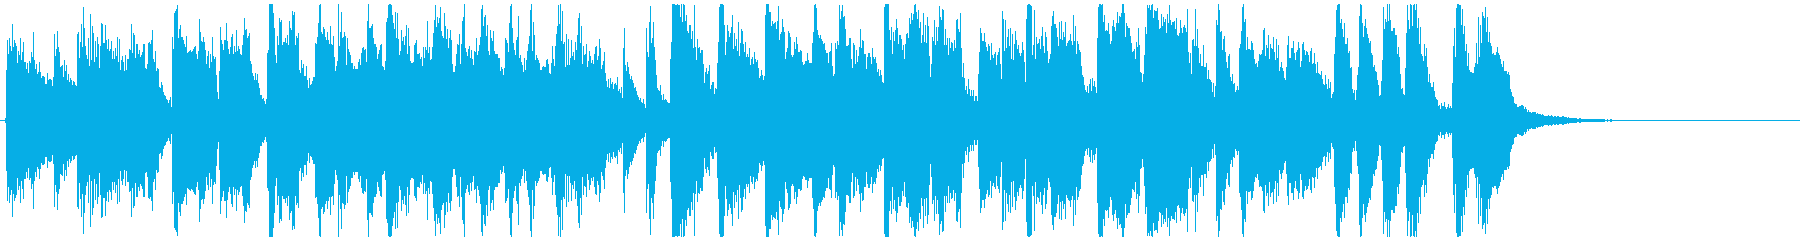 明るい陽気なラテン15秒曲、CMや動画にの再生済みの波形